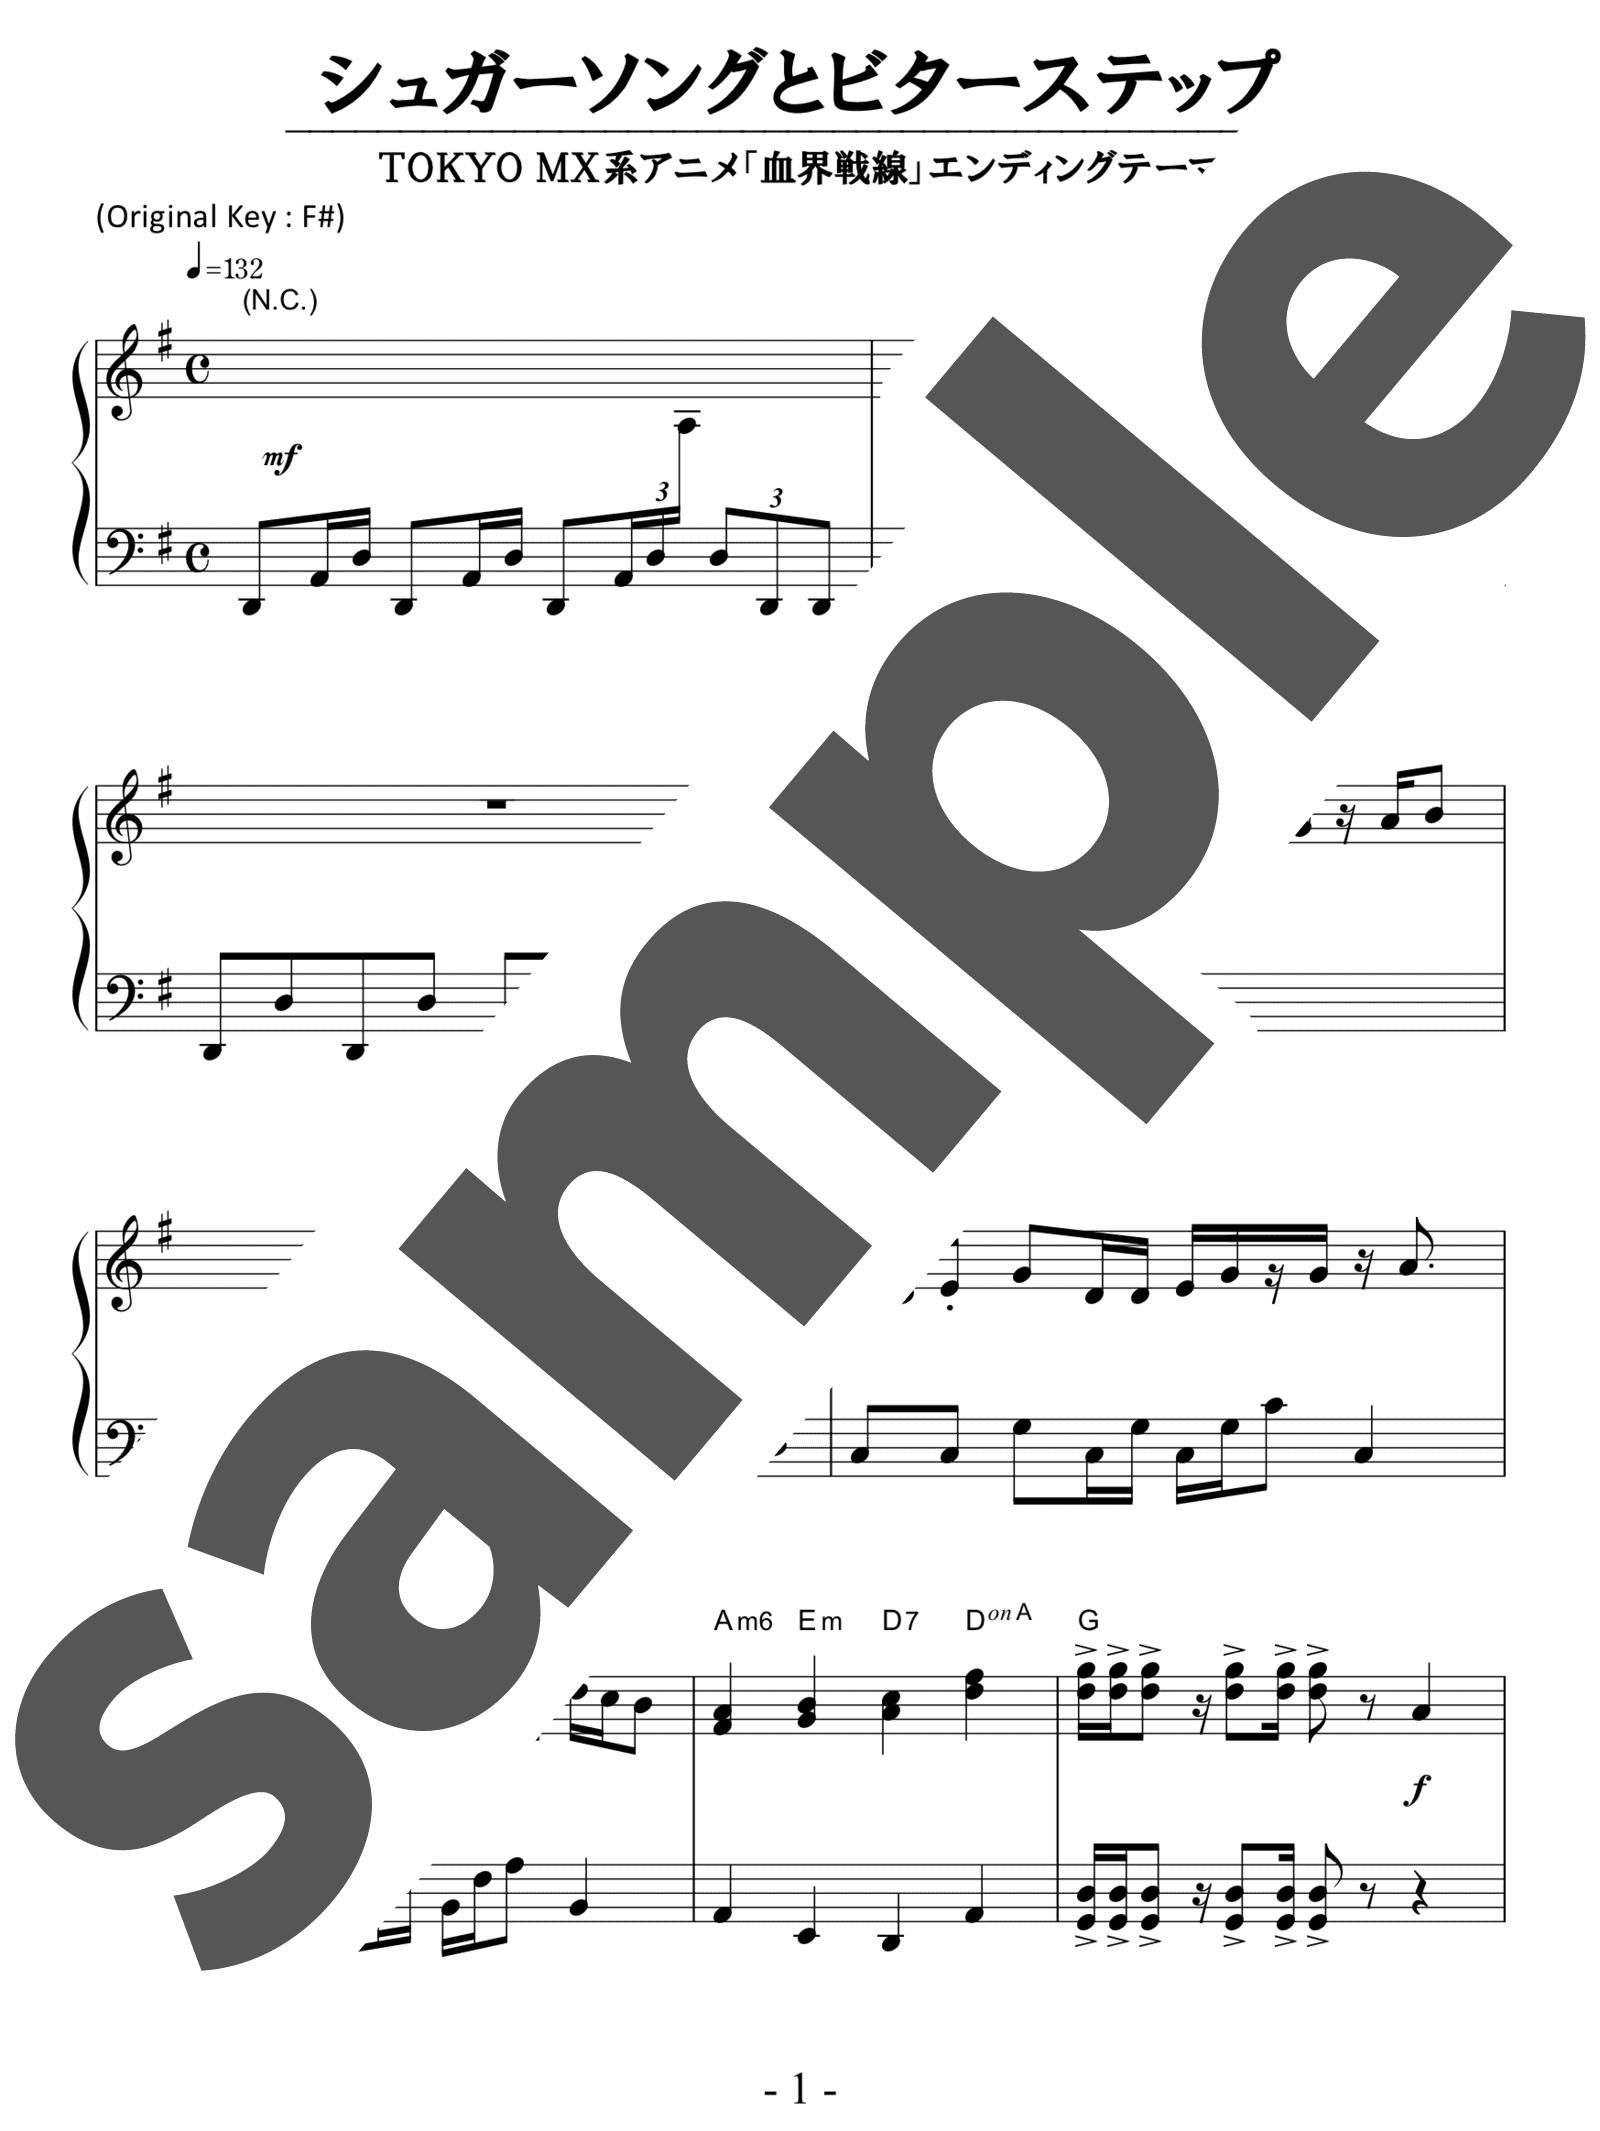 ビター と 歌詞 ソング シュガー ステップ